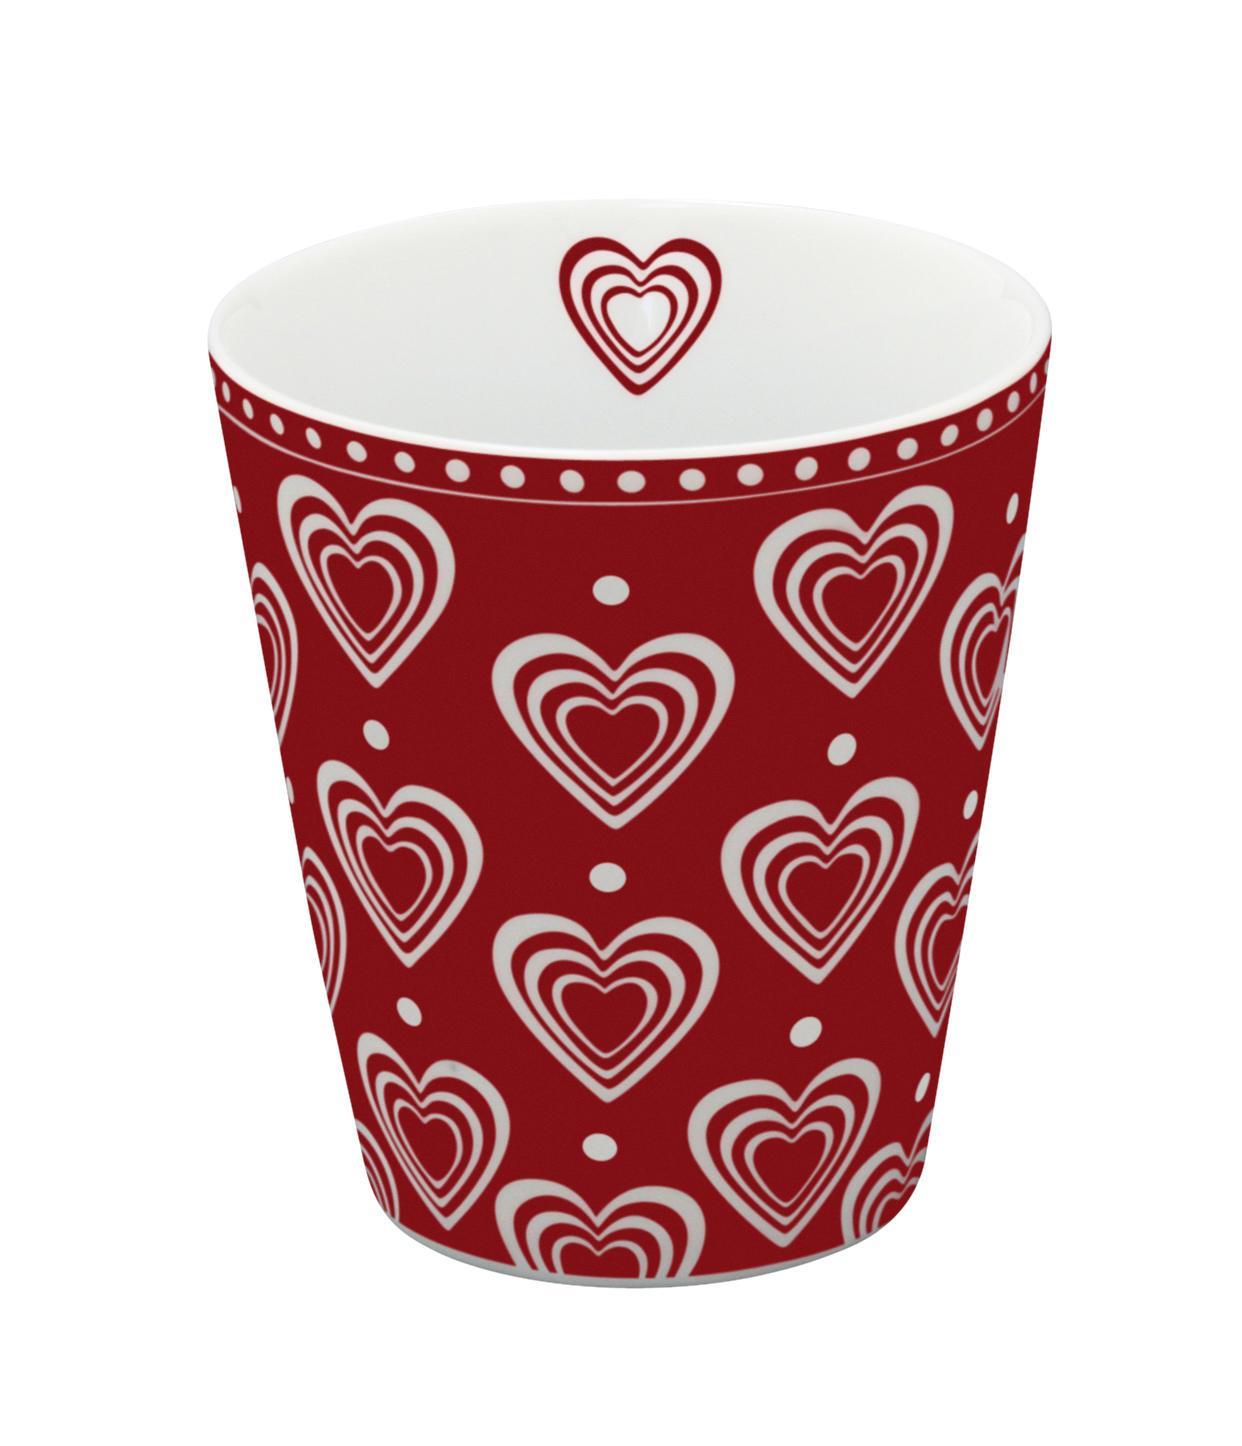 Krasilnikoff Latte hrneček Hearts Red, červená barva, porcelán